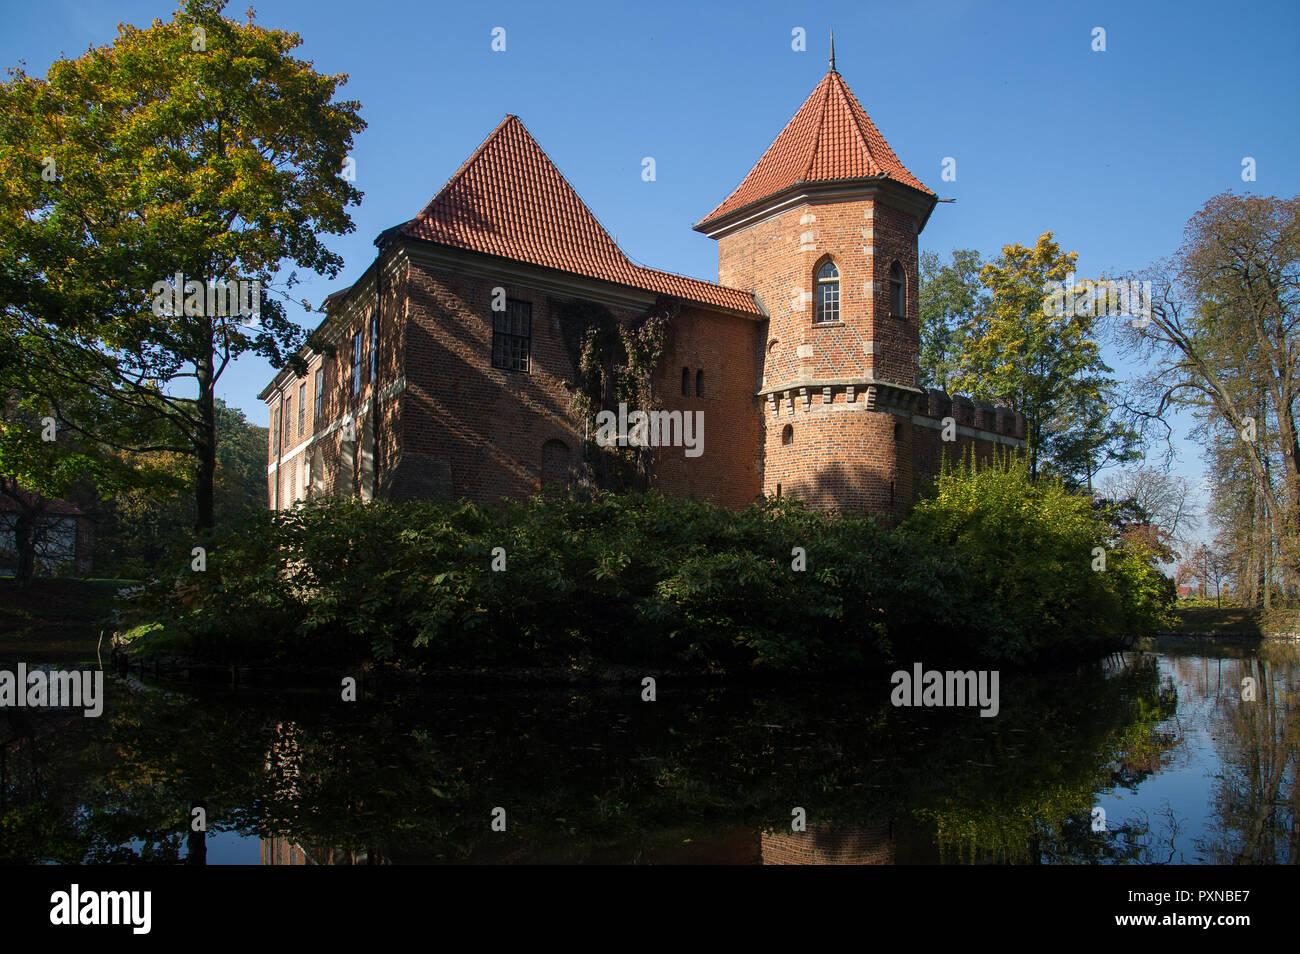 Brick Gothic castle in Oporow, Poland. October 12th 2018 © Wojciech Strozyk / Alamy Stock Photo - Stock Image